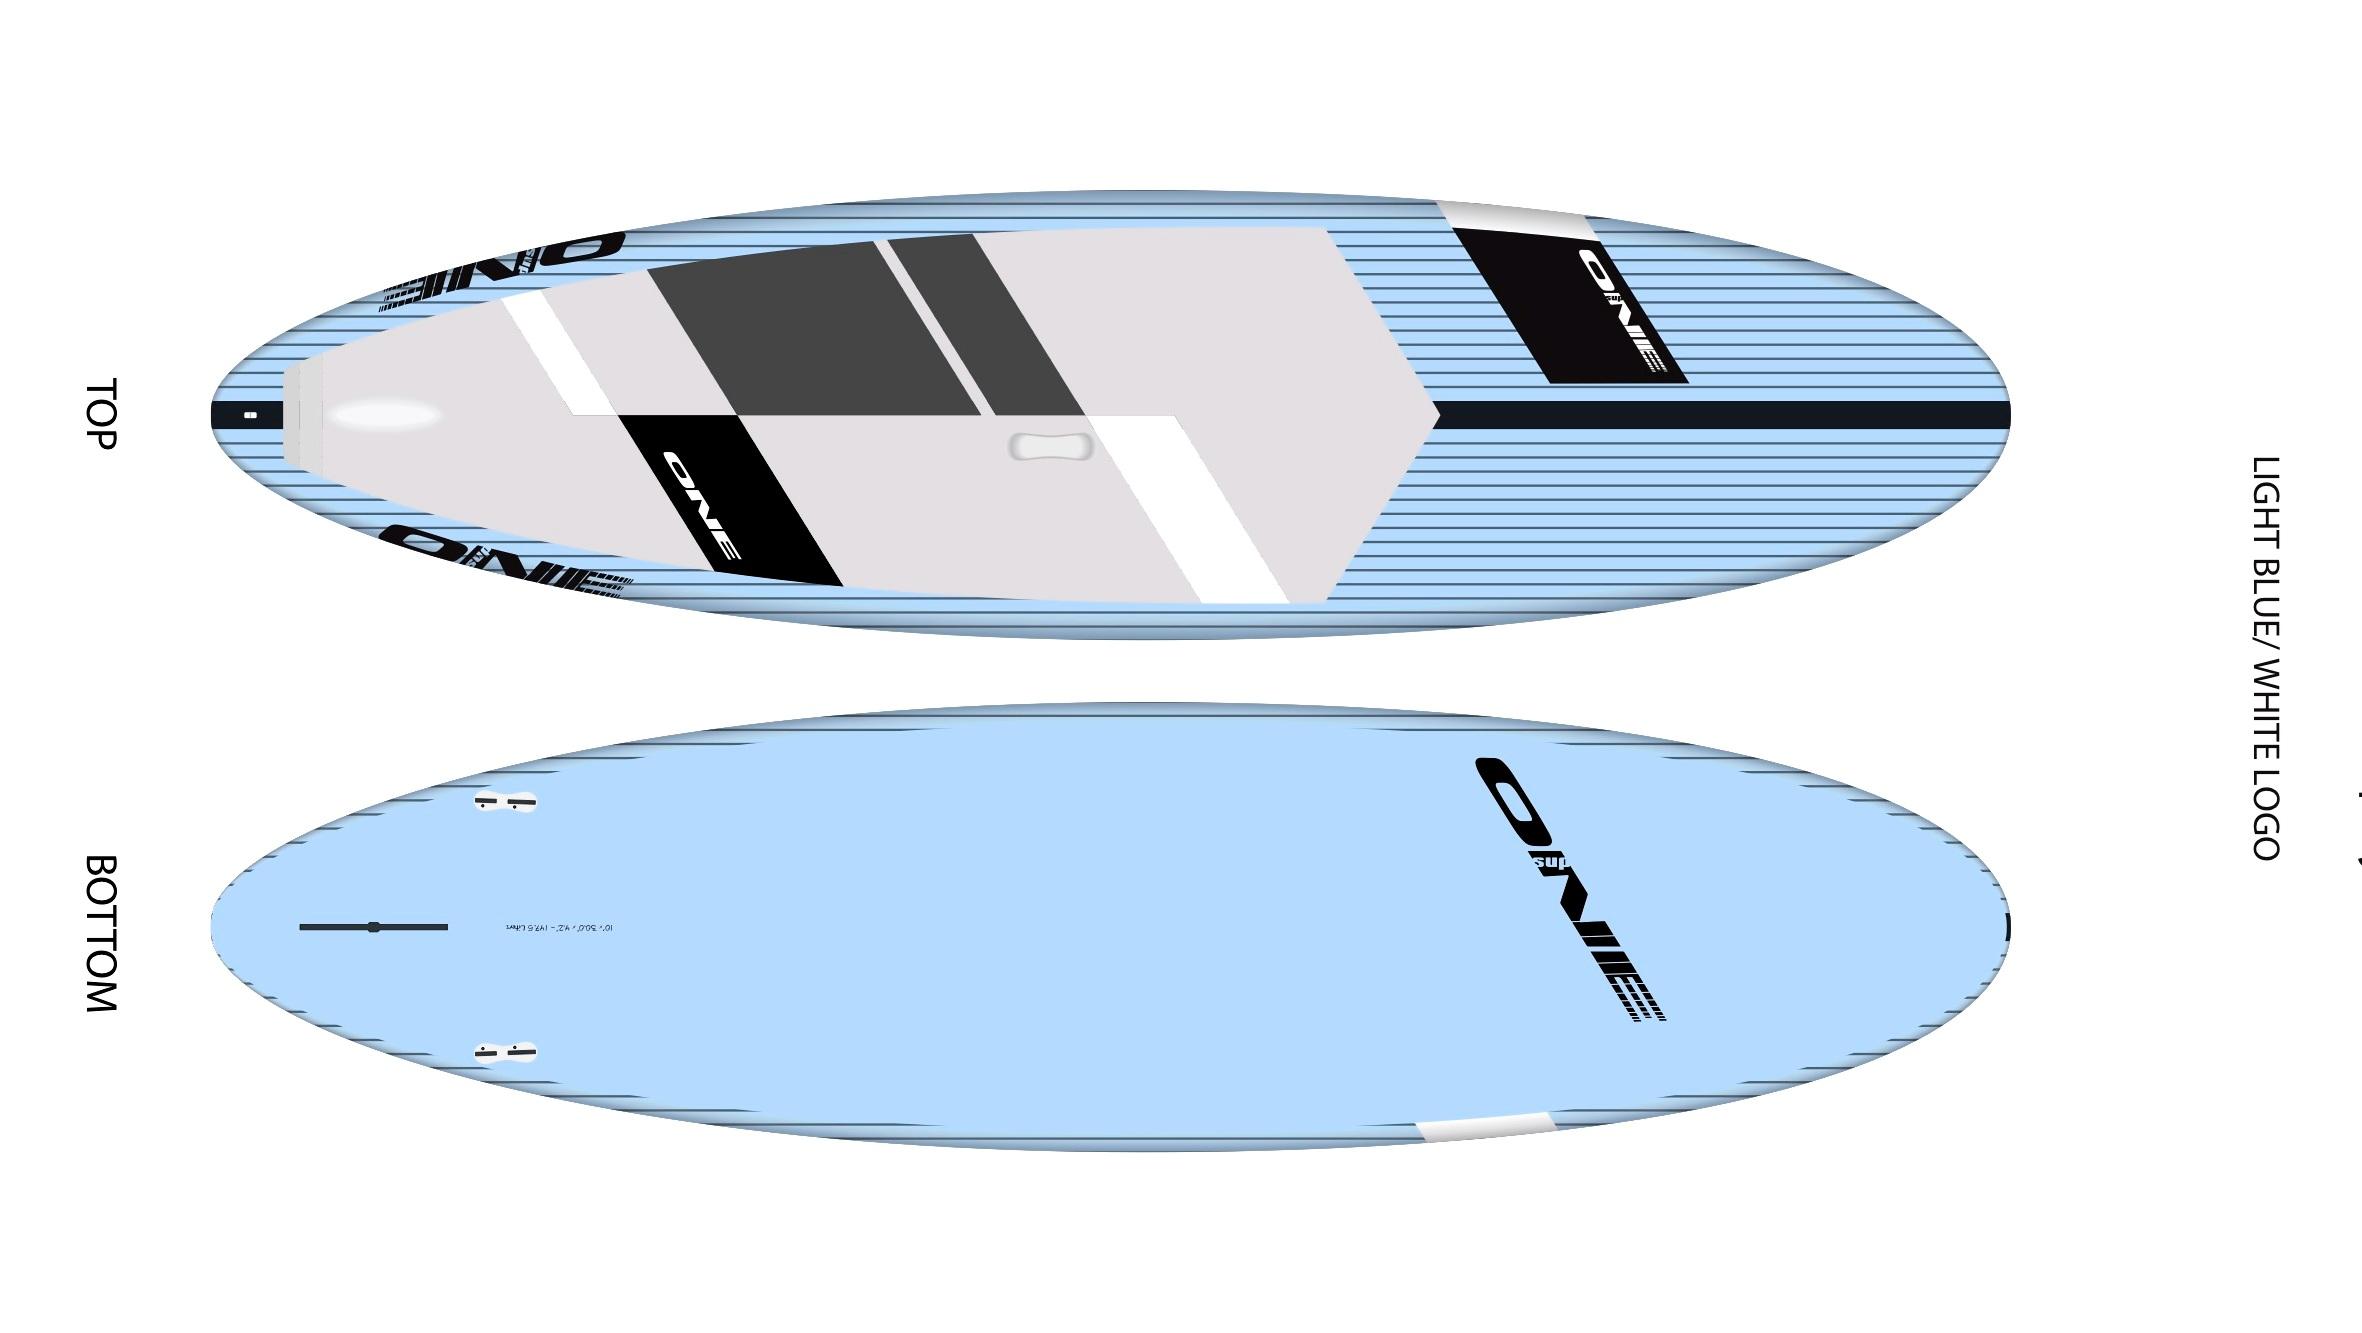 10ft Light Blue Custom made for Australian Customer